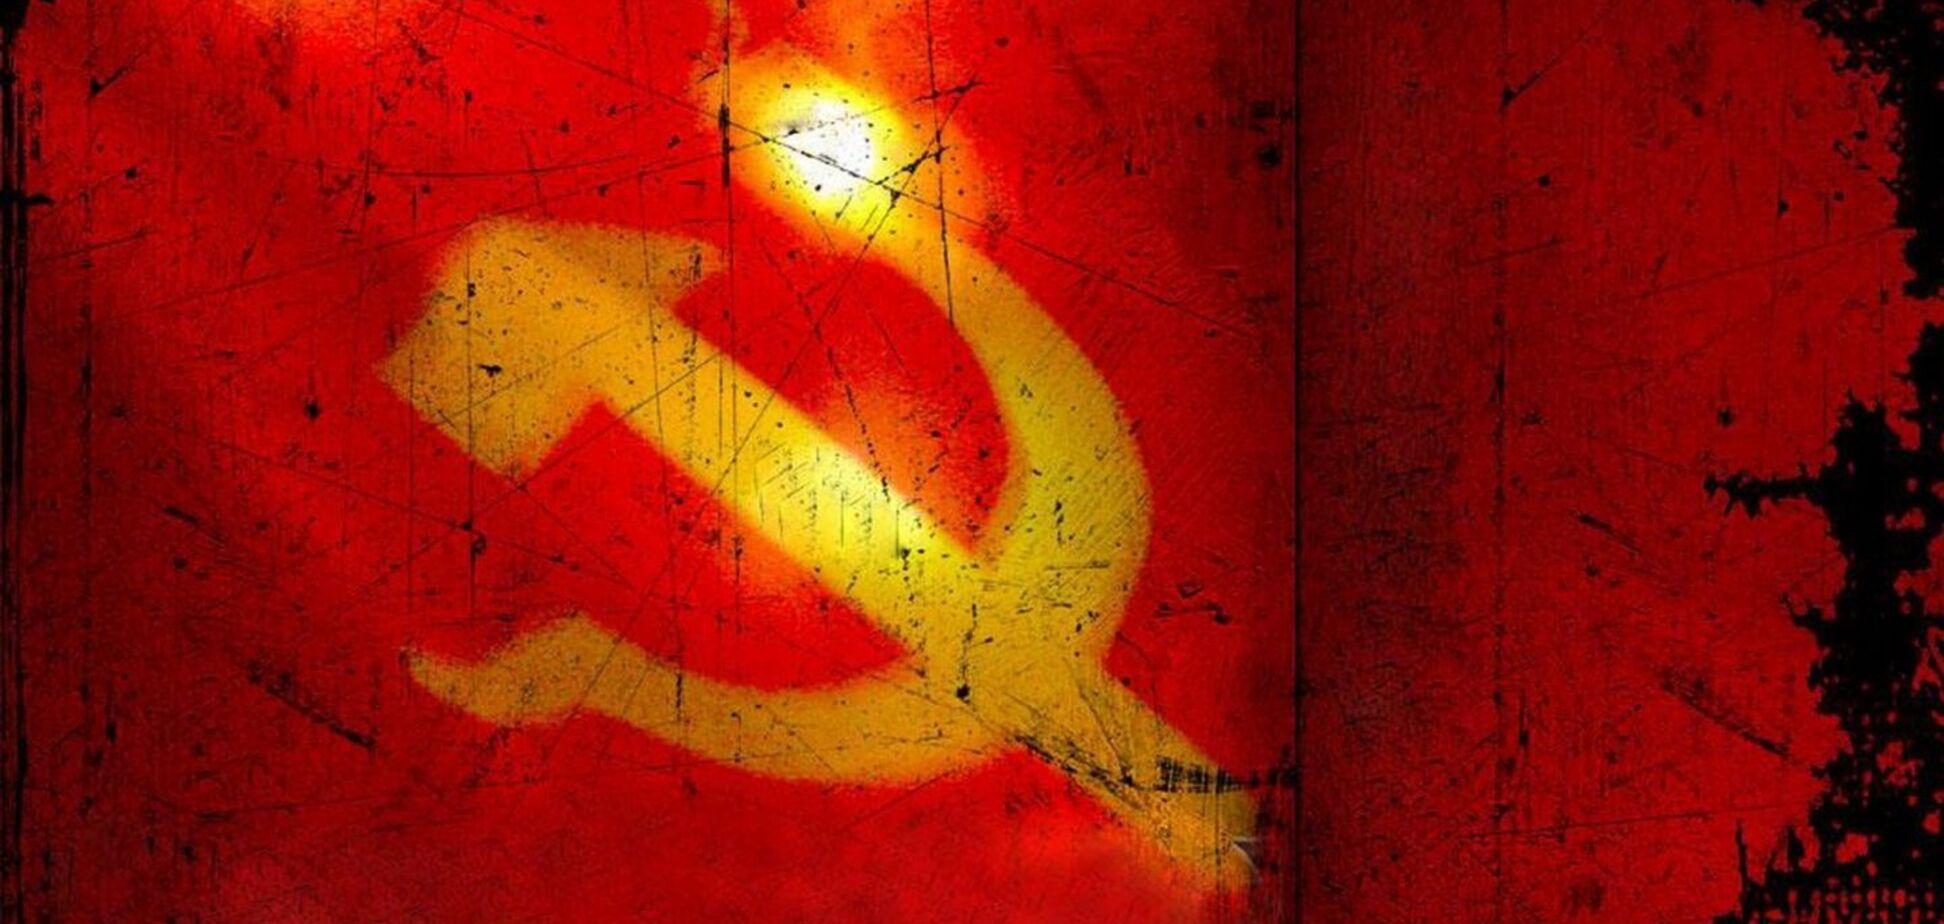 Історики нагадали про радянські фейки проти українців